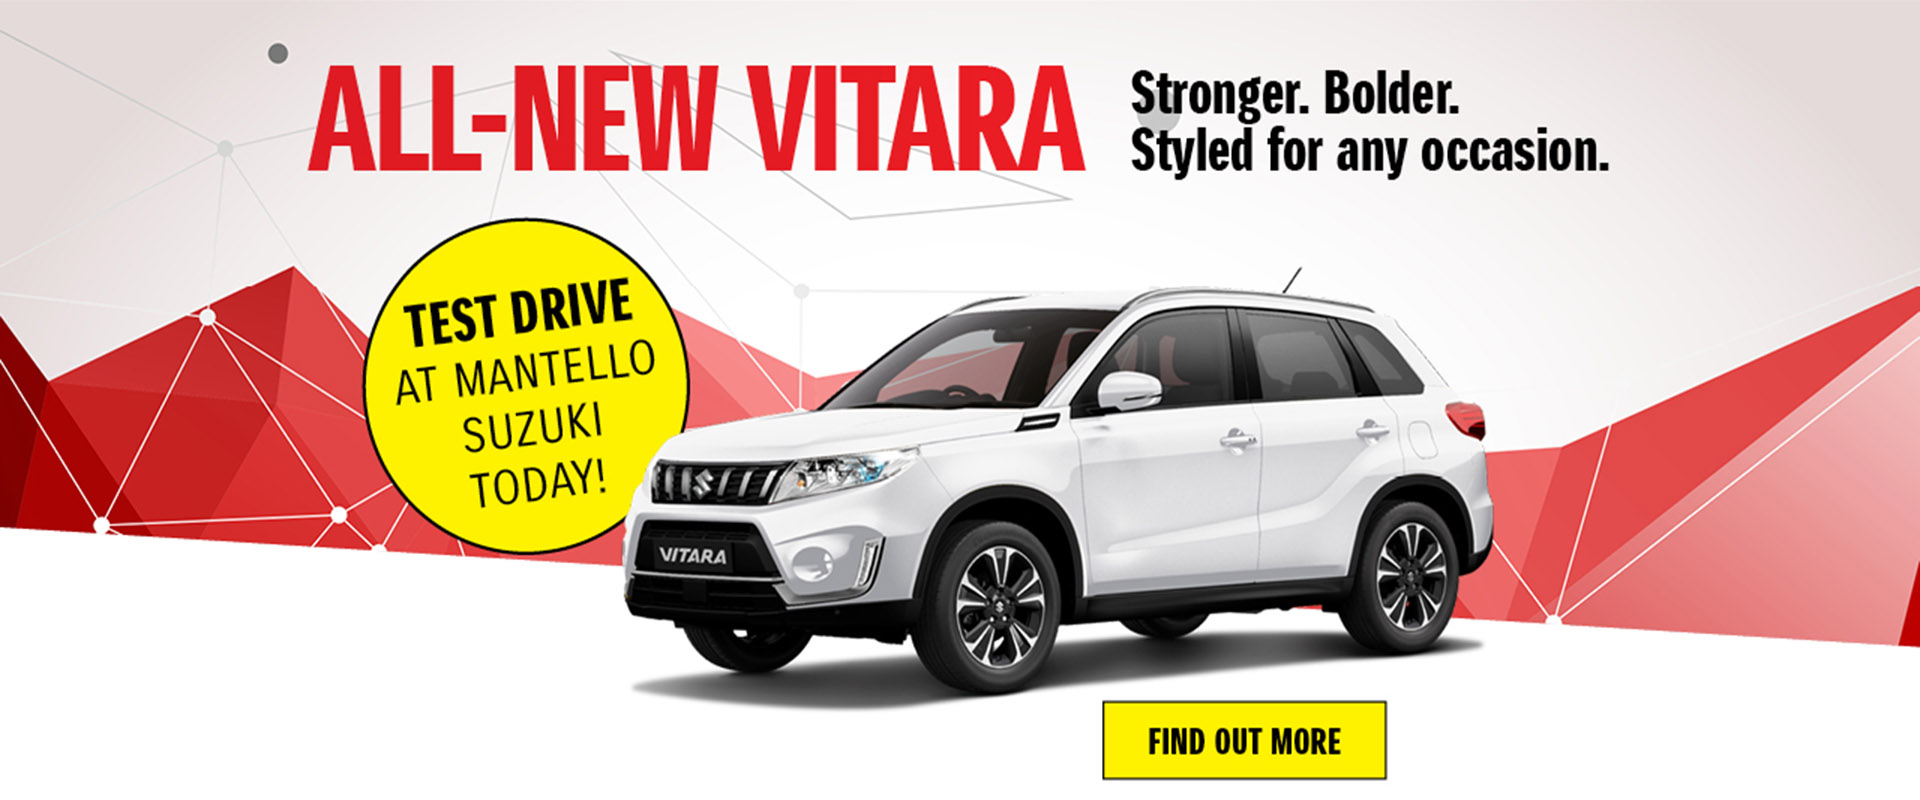 Mantello Suzuki - All-New Vitara